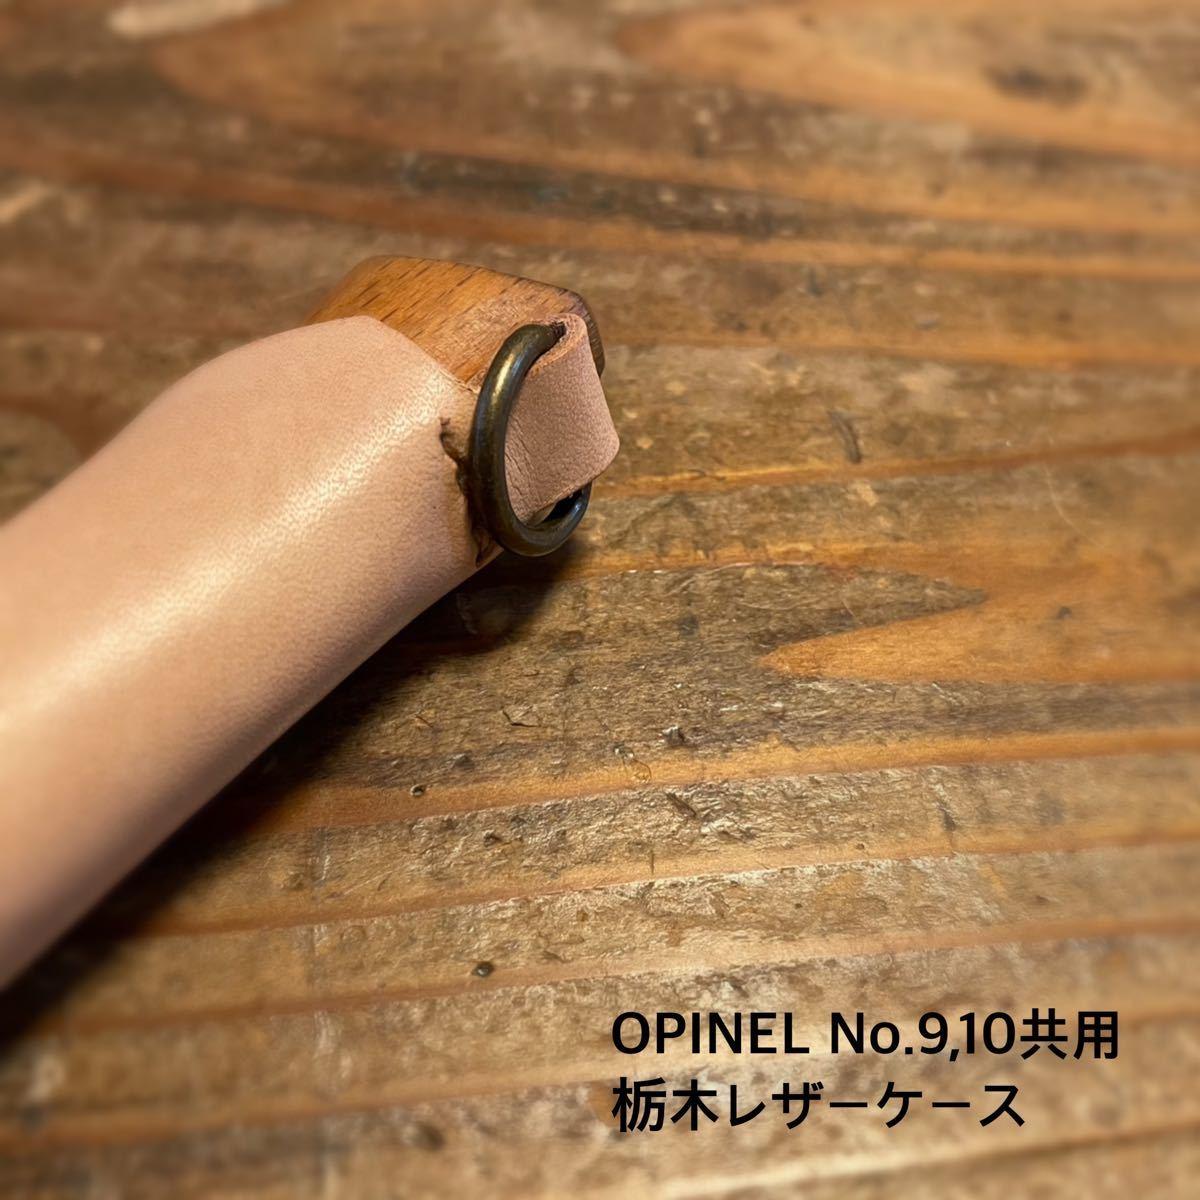 栃木レザー オピネルNo.9, 10ケース、SOTOガストーチケース ベージュ色